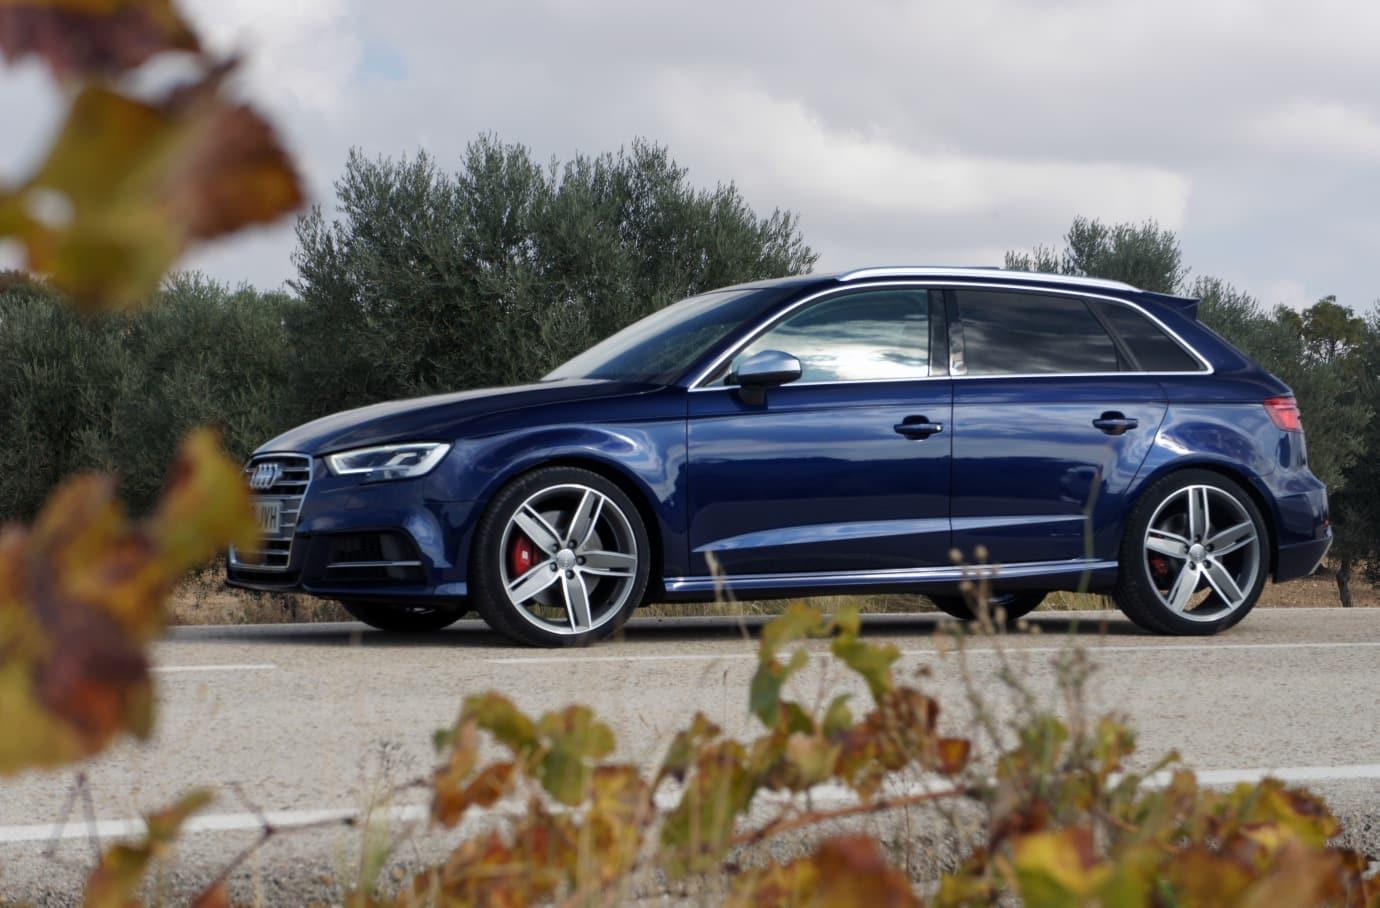 Prueba Audi S3 2.0 TFSI 310 CV Sportback S-Tronic: Posiblemente el mejor compacto actual